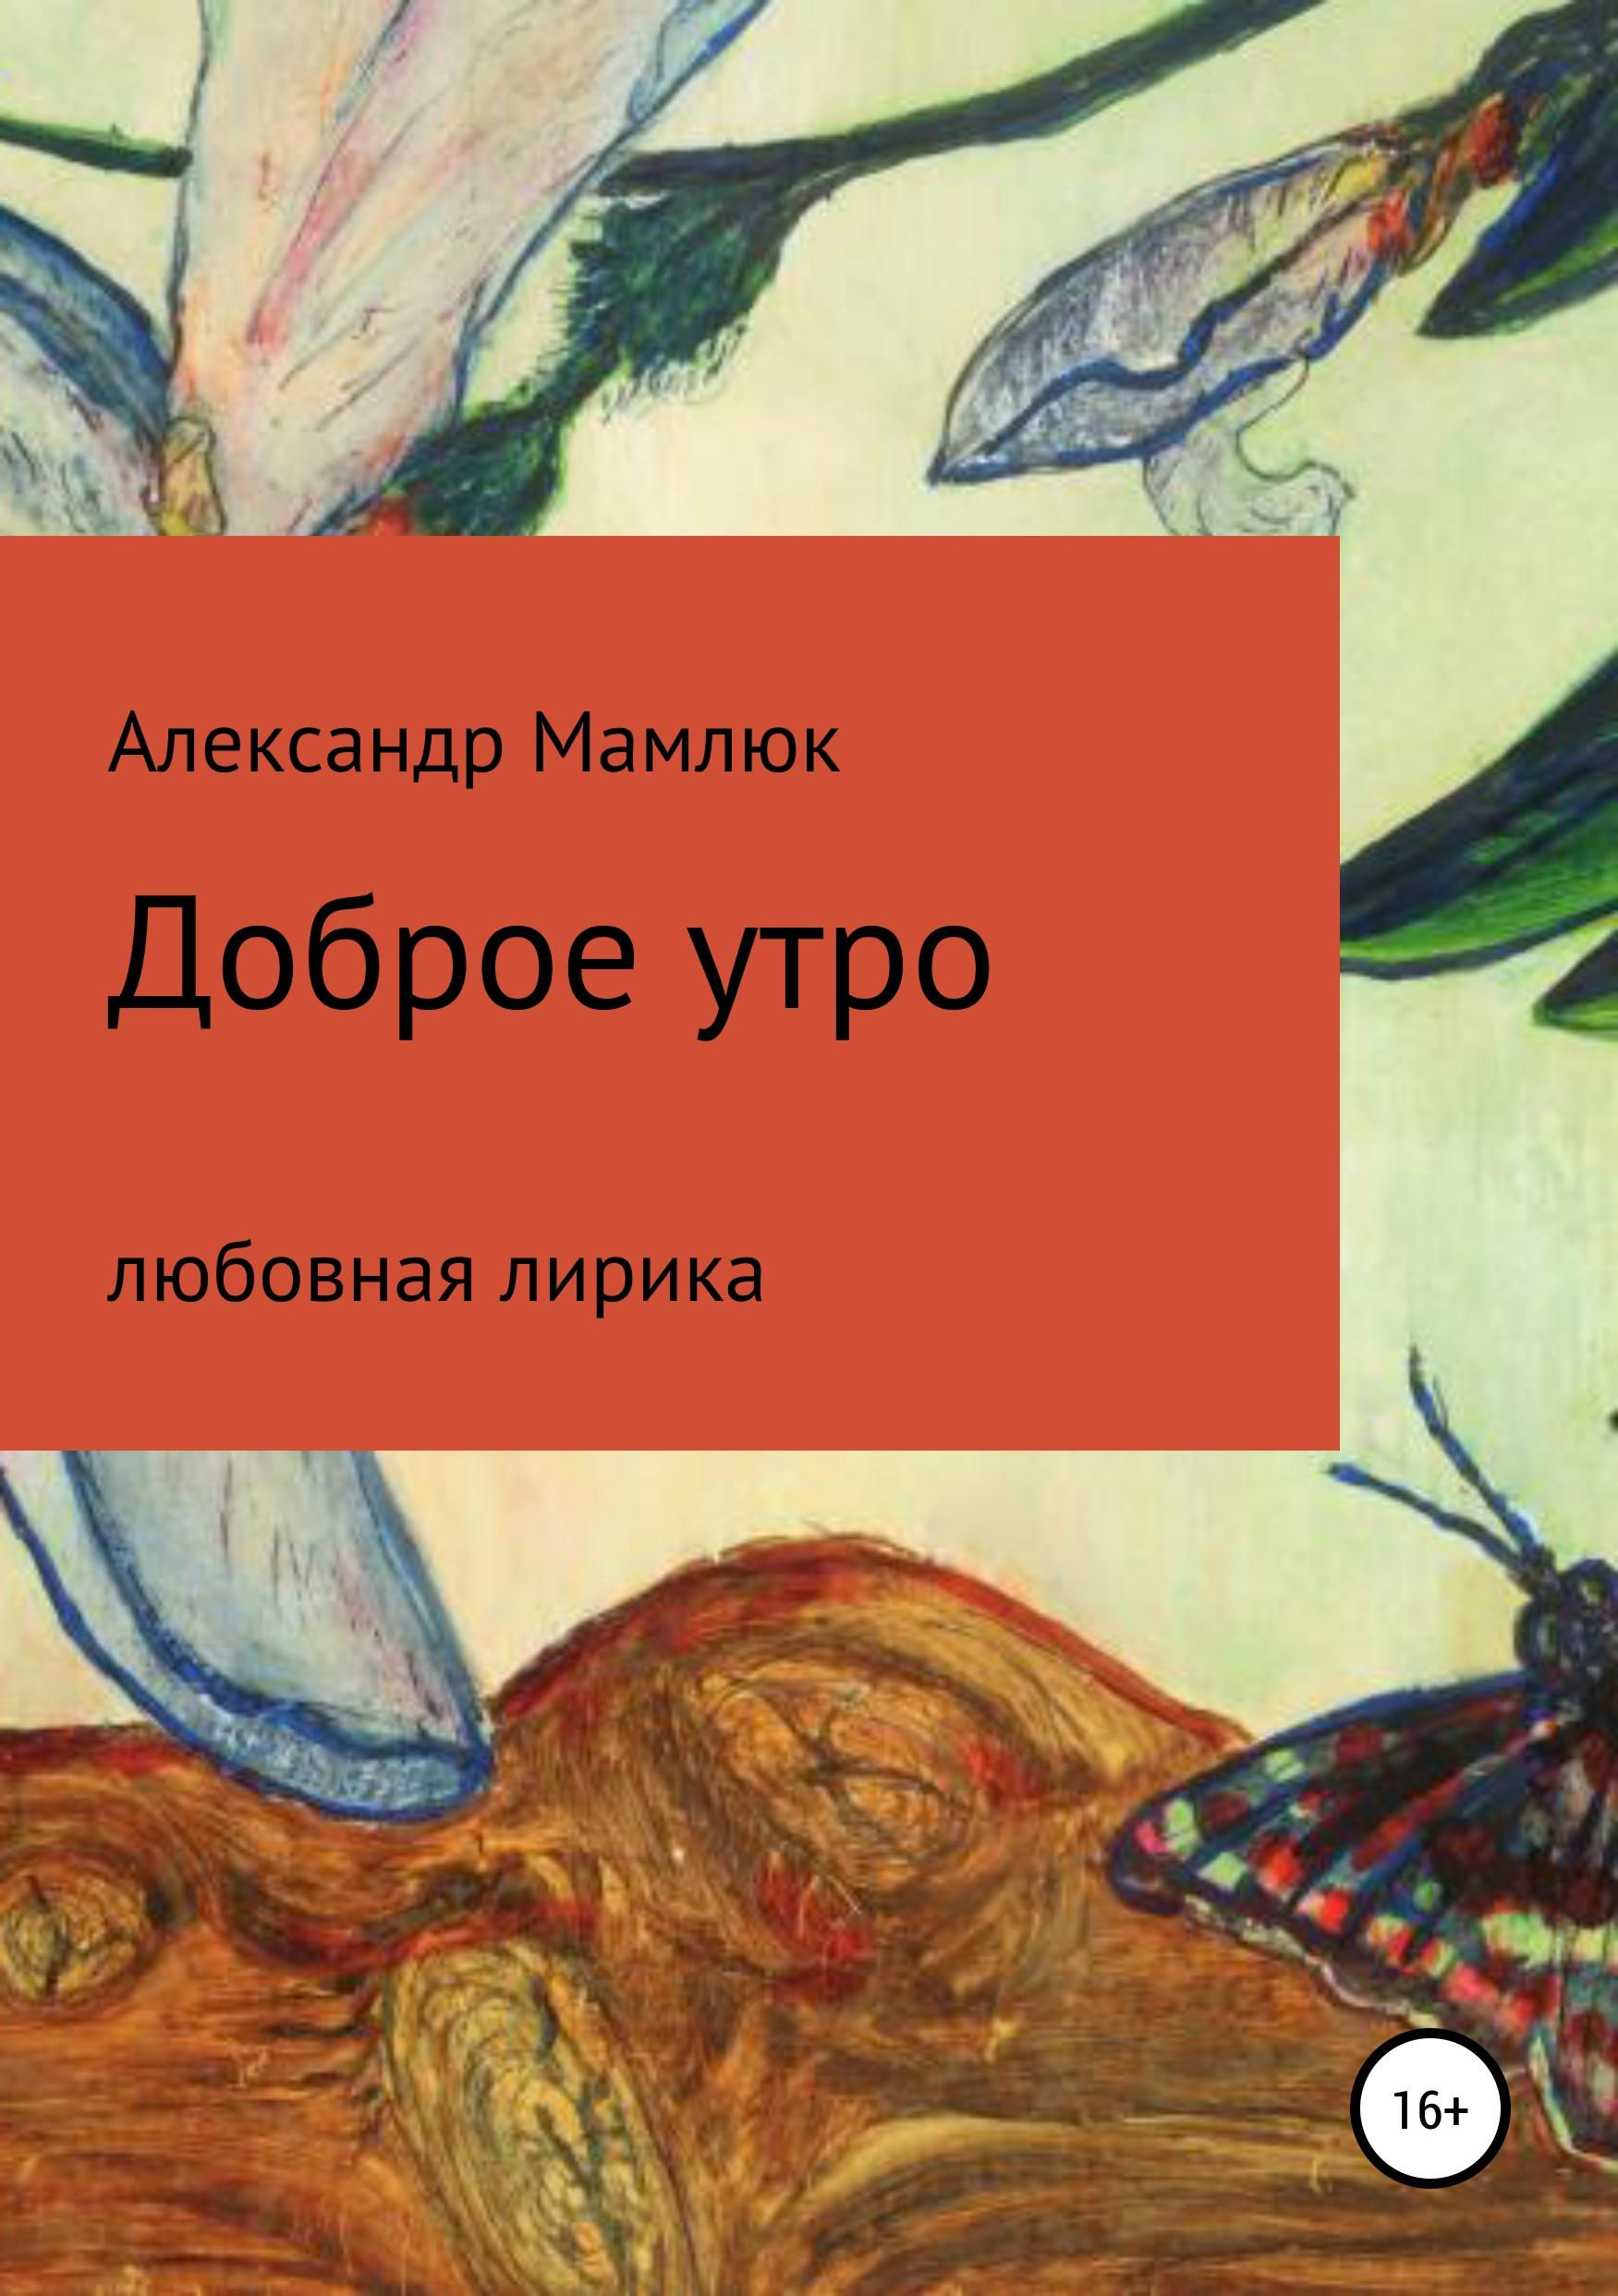 Александр Мамлюк Доброе утро александр садиков мы все гимназии признательны душой